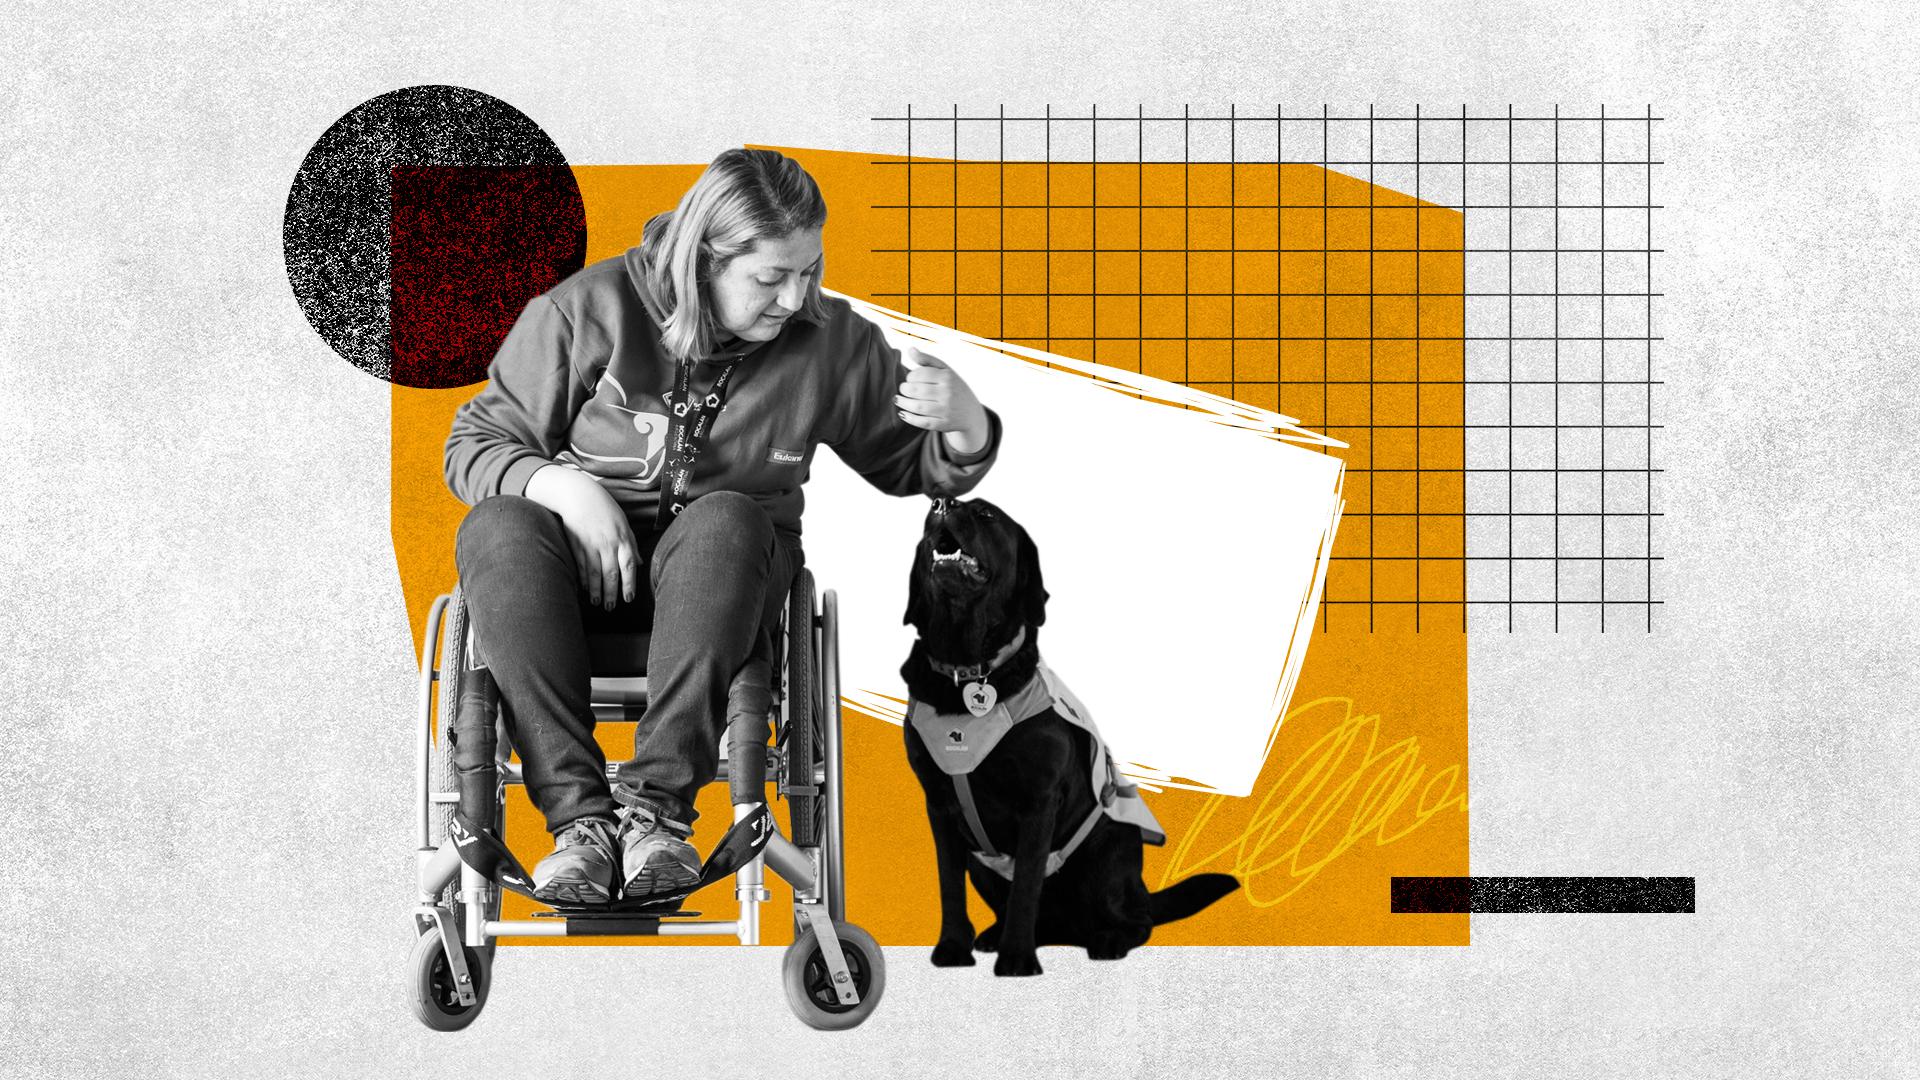 Los perros entrenados ayudan a las personas con discapacidades a vivir con autonomía